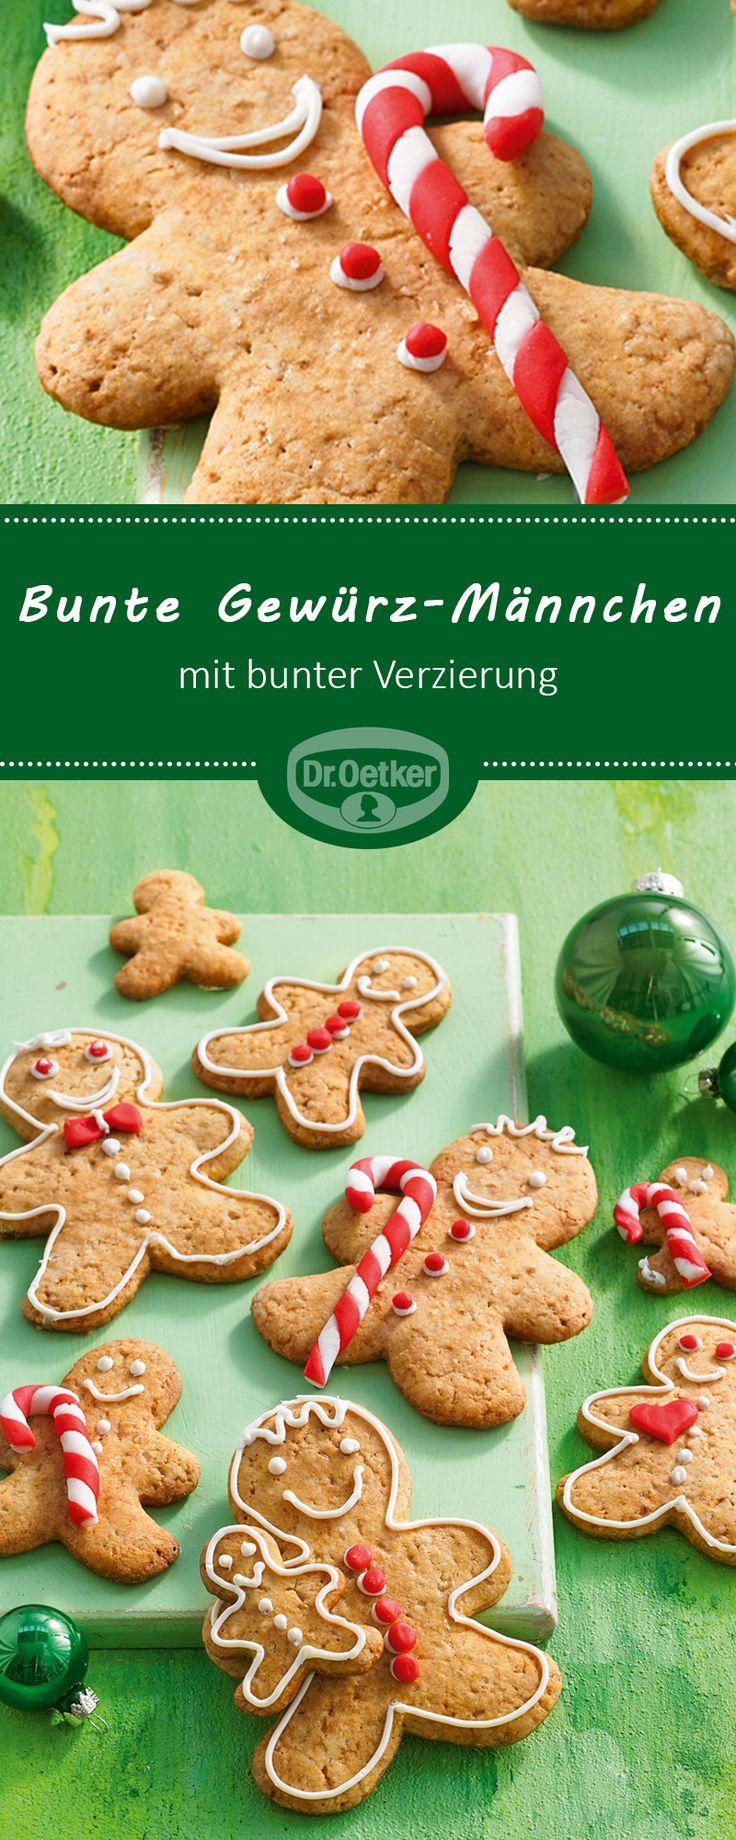 Bunte Gewürz-Männchen: Ginger-Bread-Men-Kekse mit bunter Verzierung